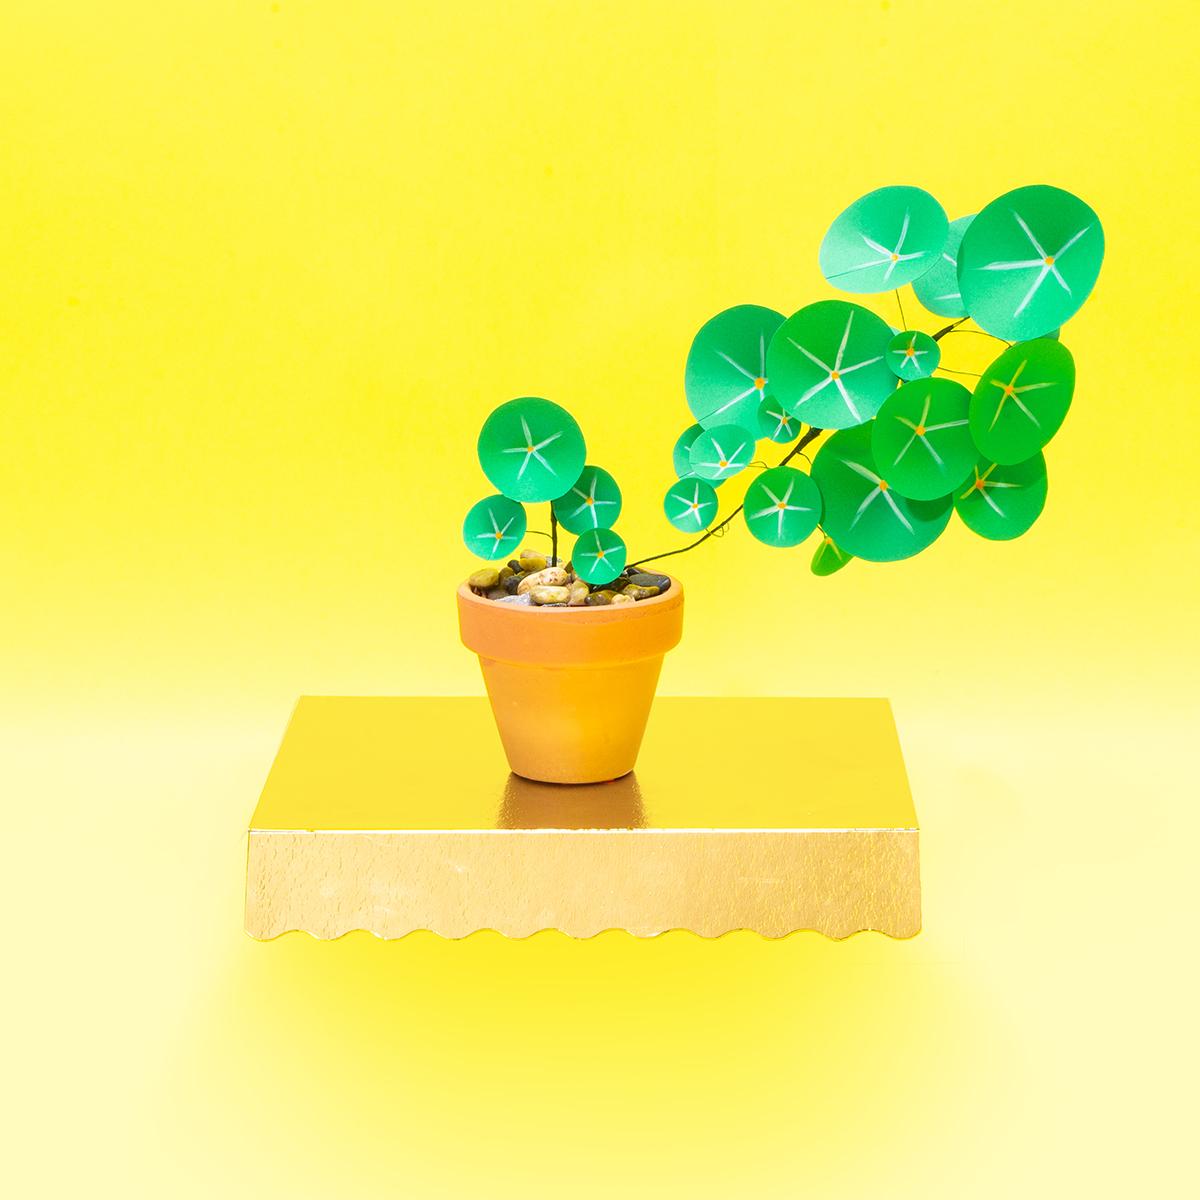 jungla, plantas de papel. pilea planta del dinero flotando